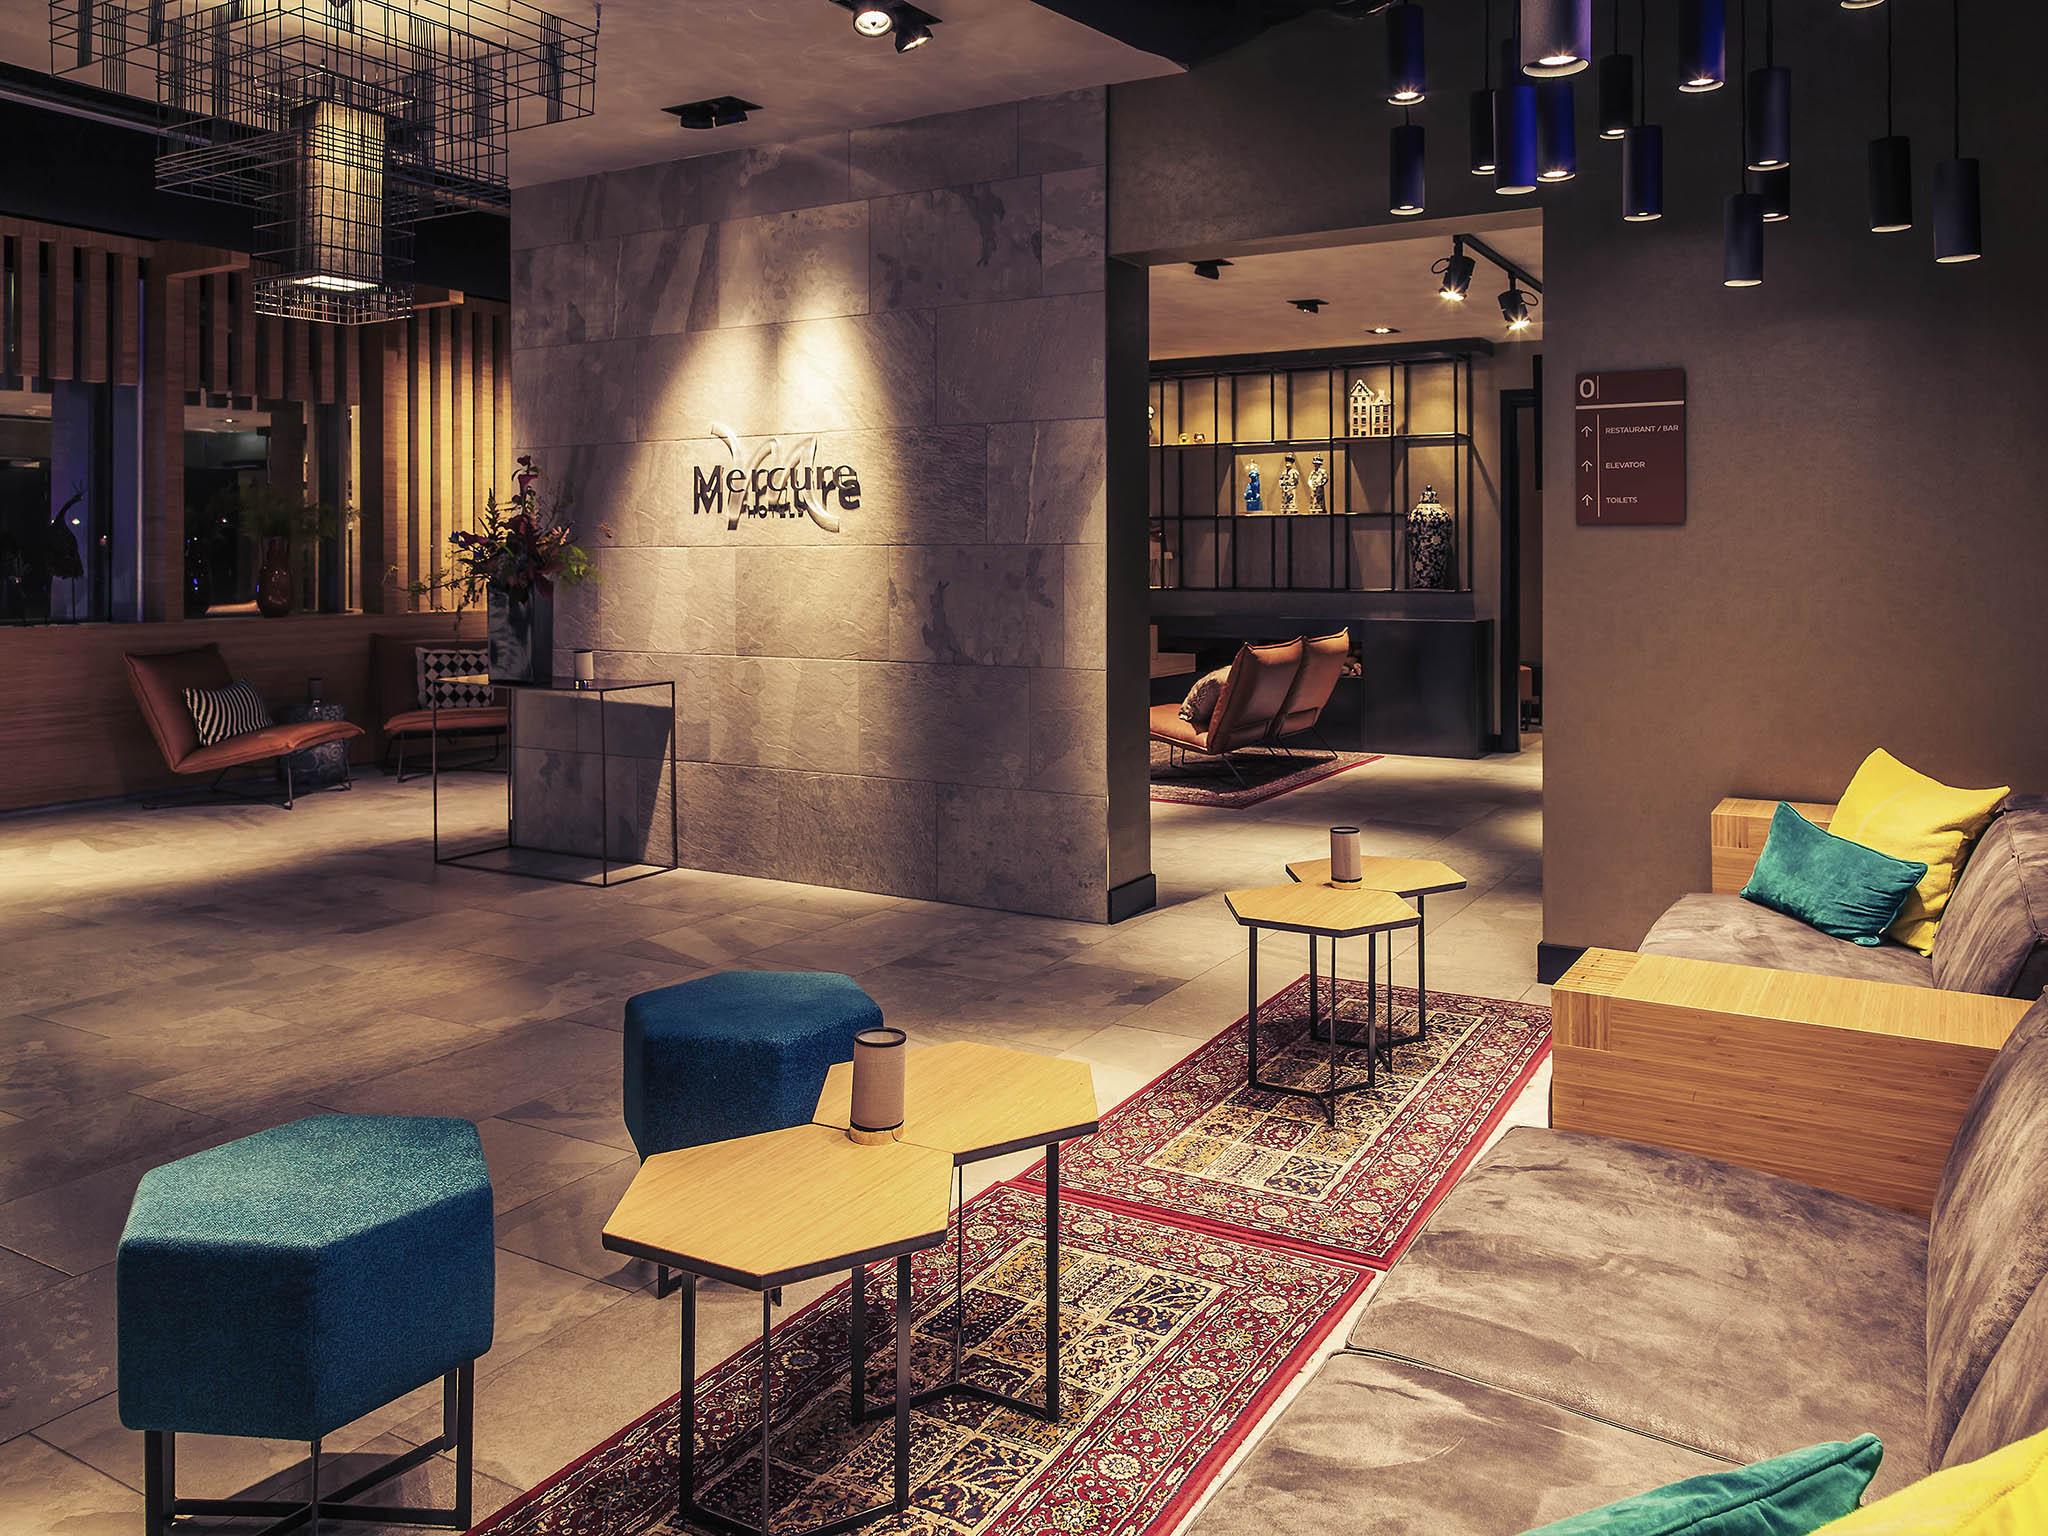 酒店 – 阿姆斯特丹 Sloterdijk 车站美居酒店